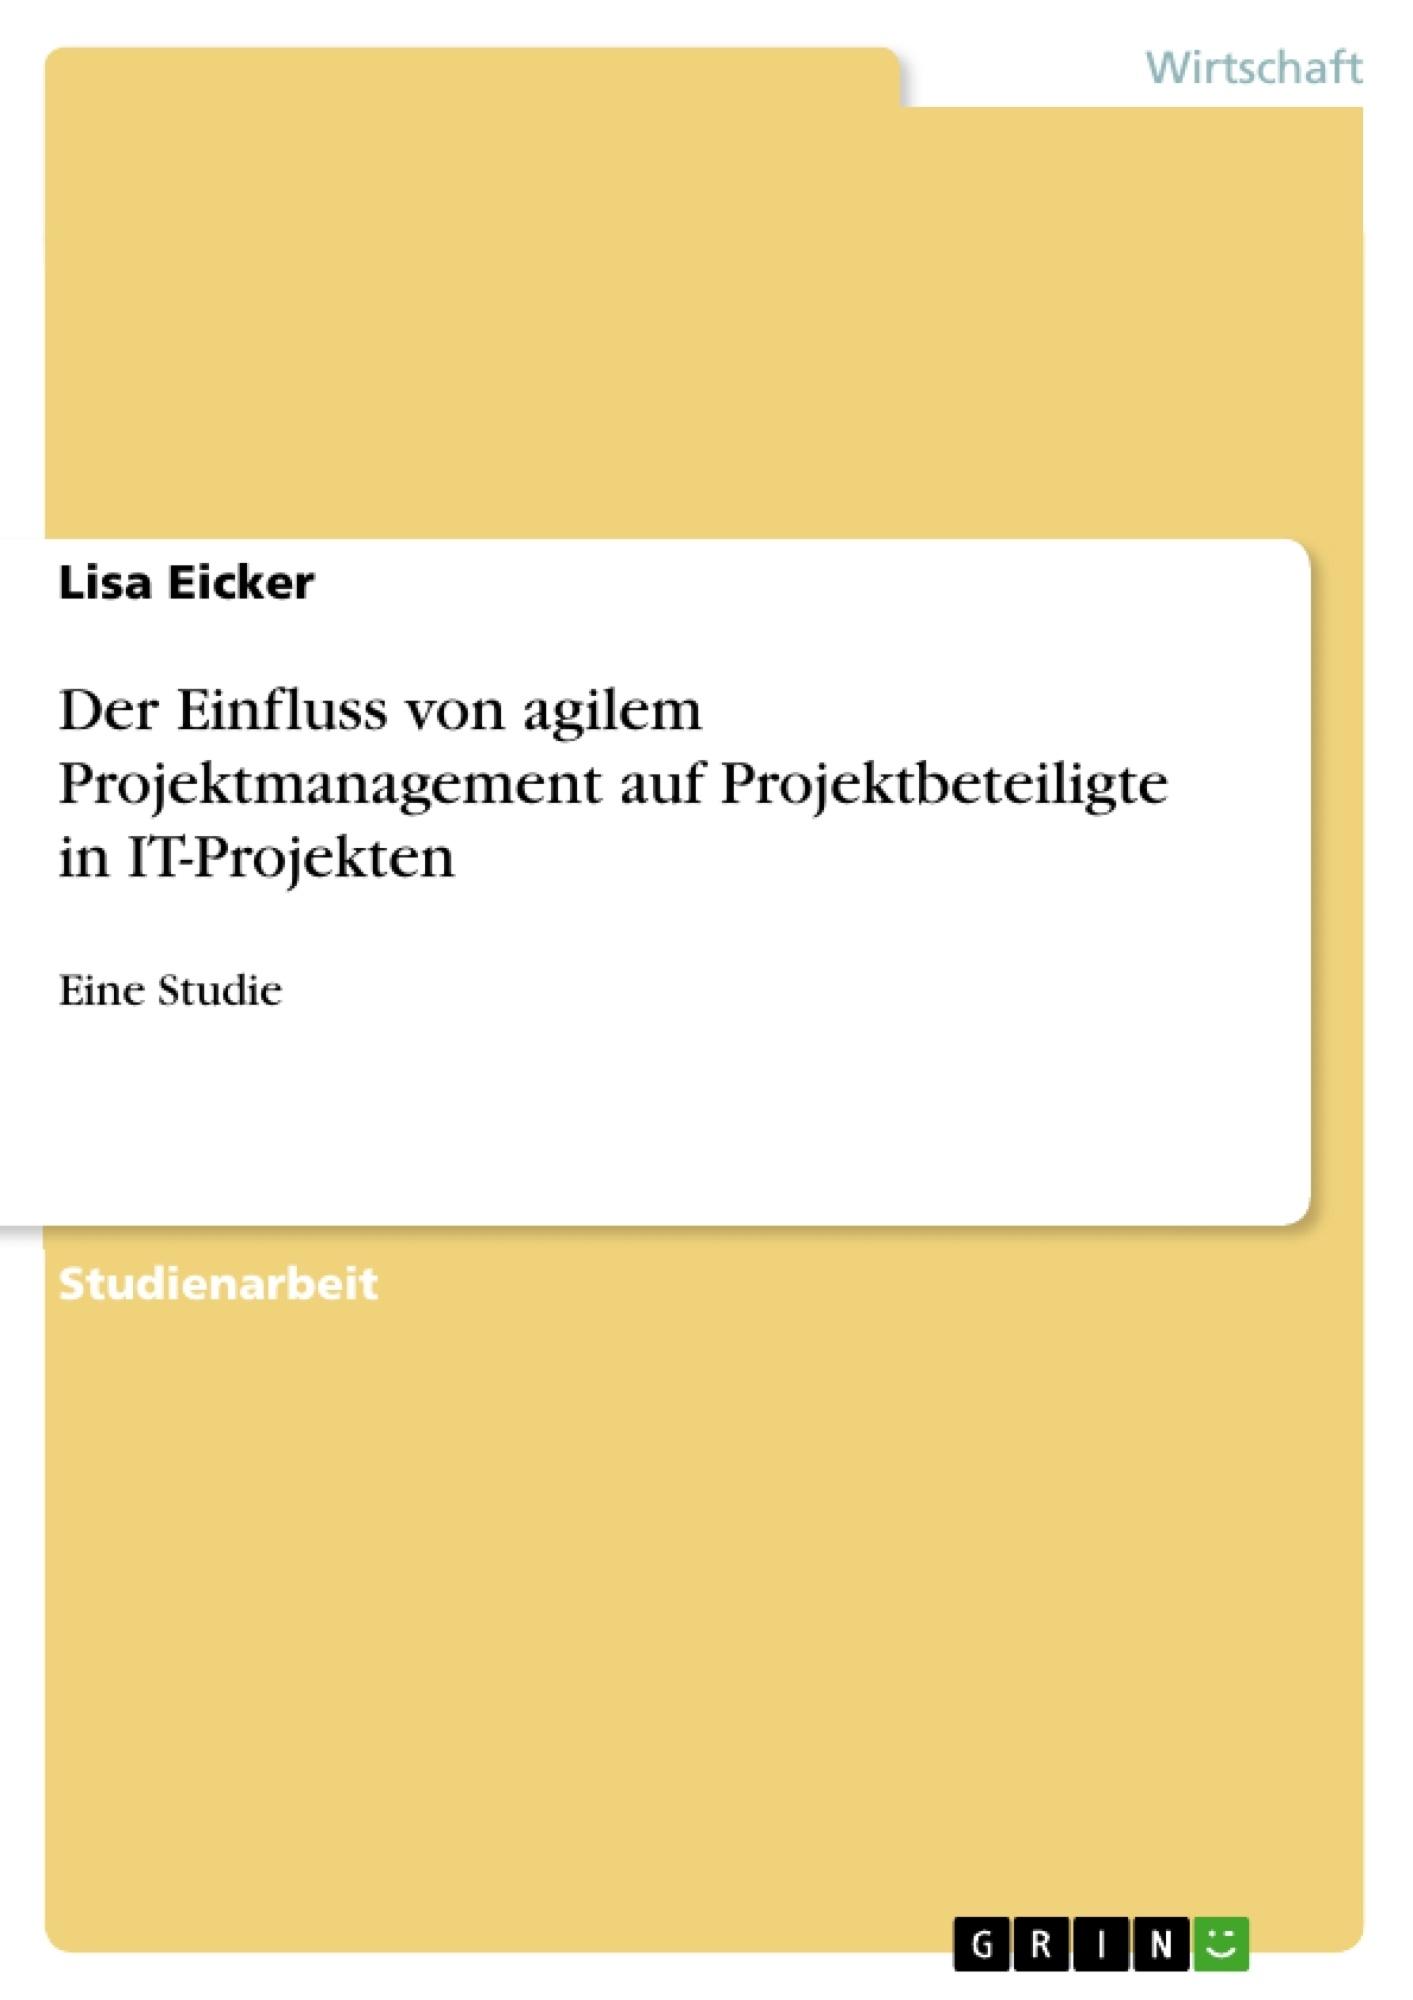 Titel: Der Einfluss von agilem Projektmanagement auf Projektbeteiligte in IT-Projekten